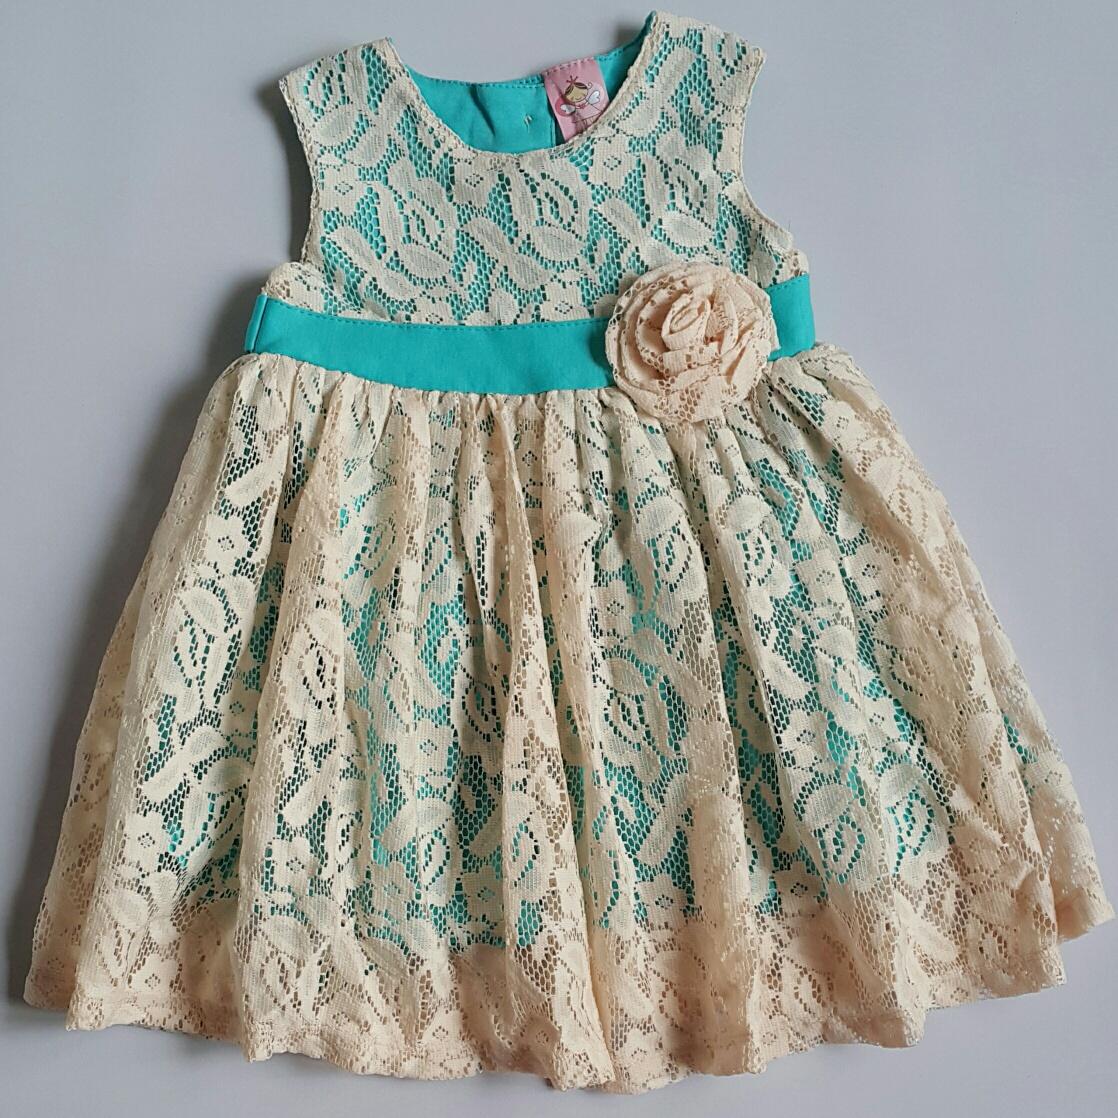 641711_b3dd74bd 5e7f 4a4b b05c 6fdad6a4a38c jual baju dress rok pesta anak bayi perempuan brokat lace murah,Baju Anak Anak Brokat